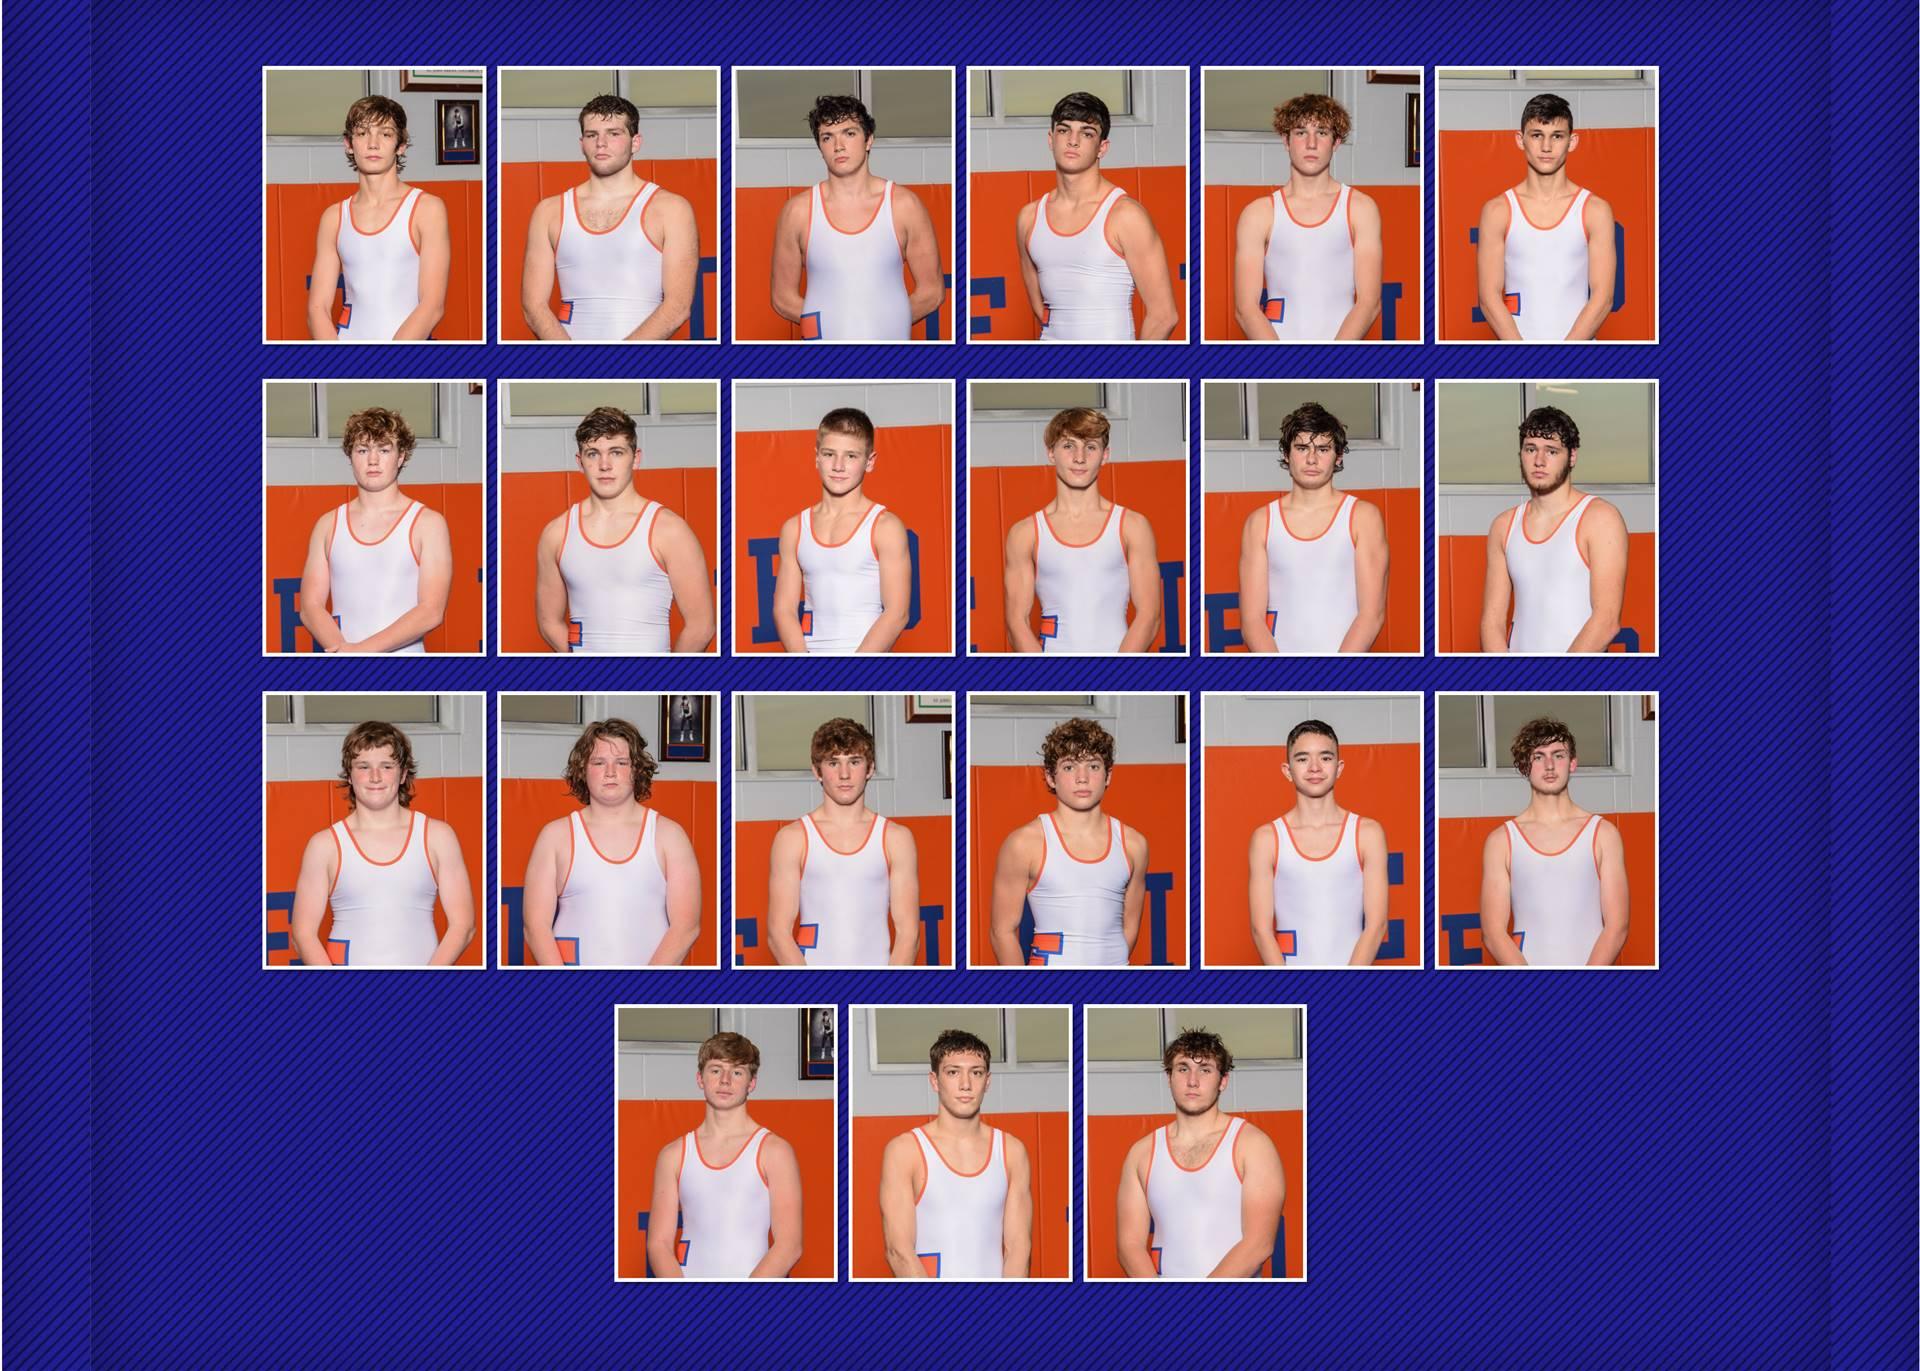 2021 Charger Wrestling Team